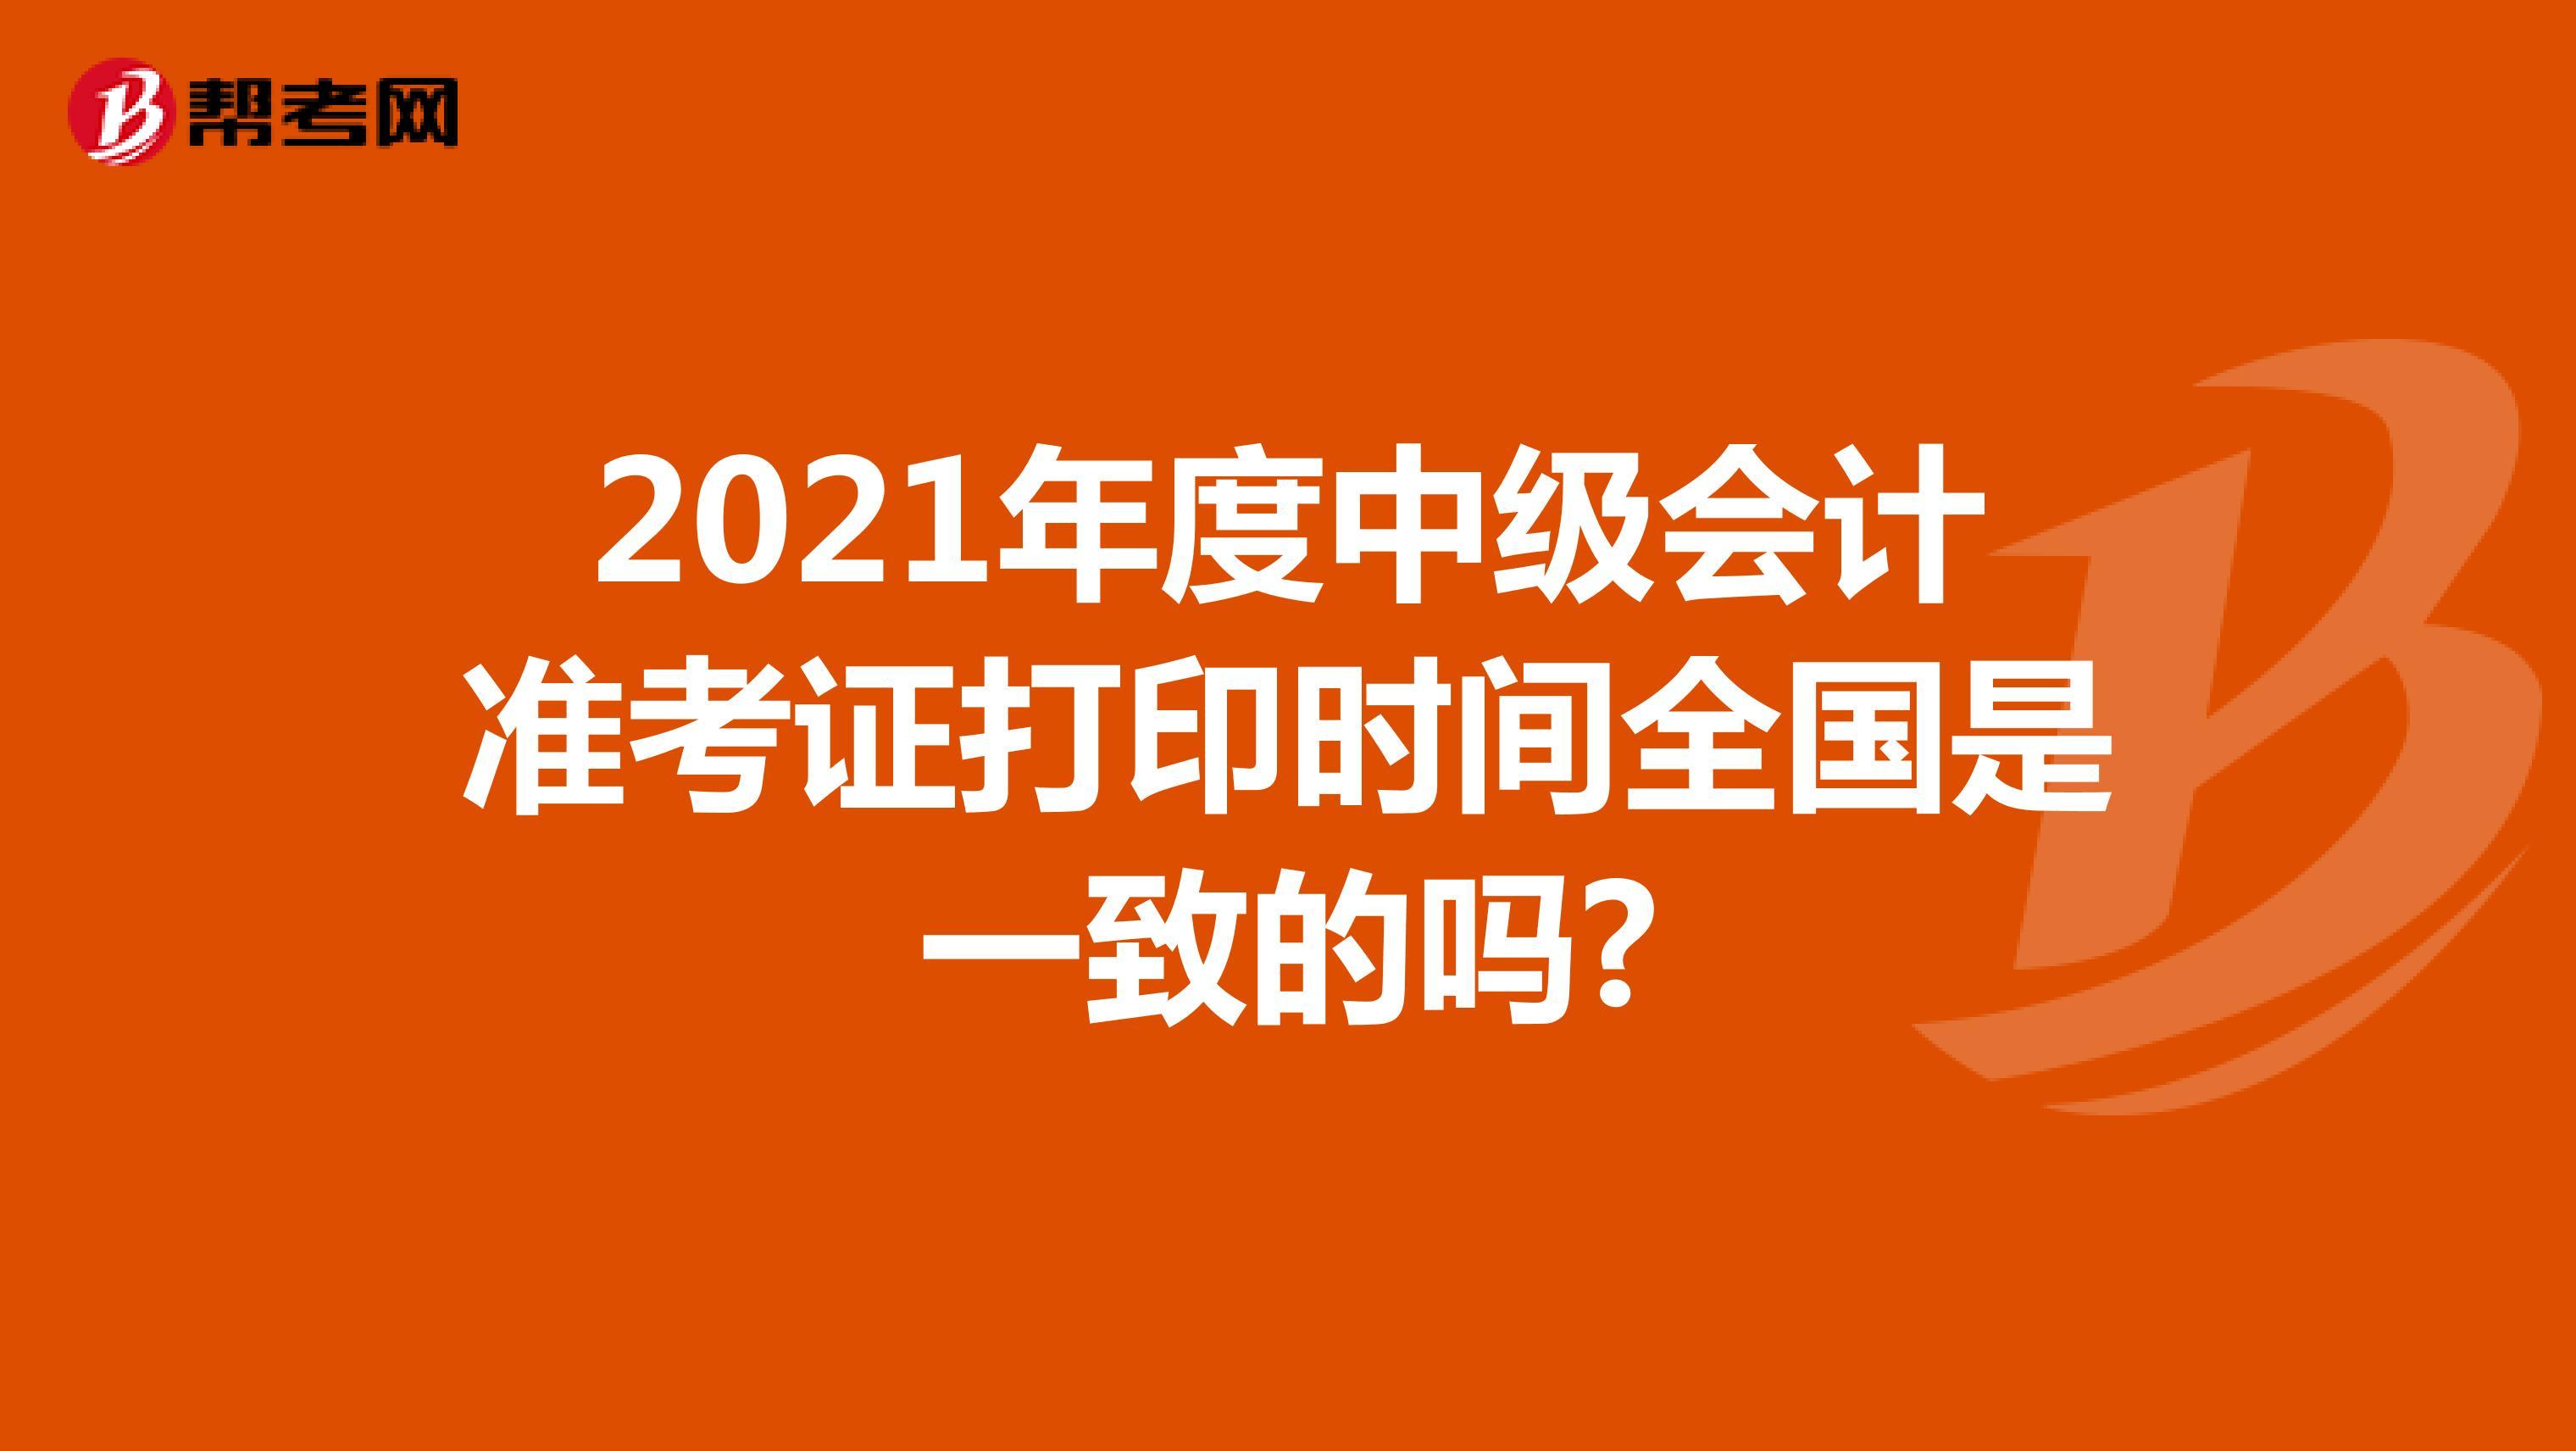 2021年度中级会计准考证打印时间全国是一致的吗?